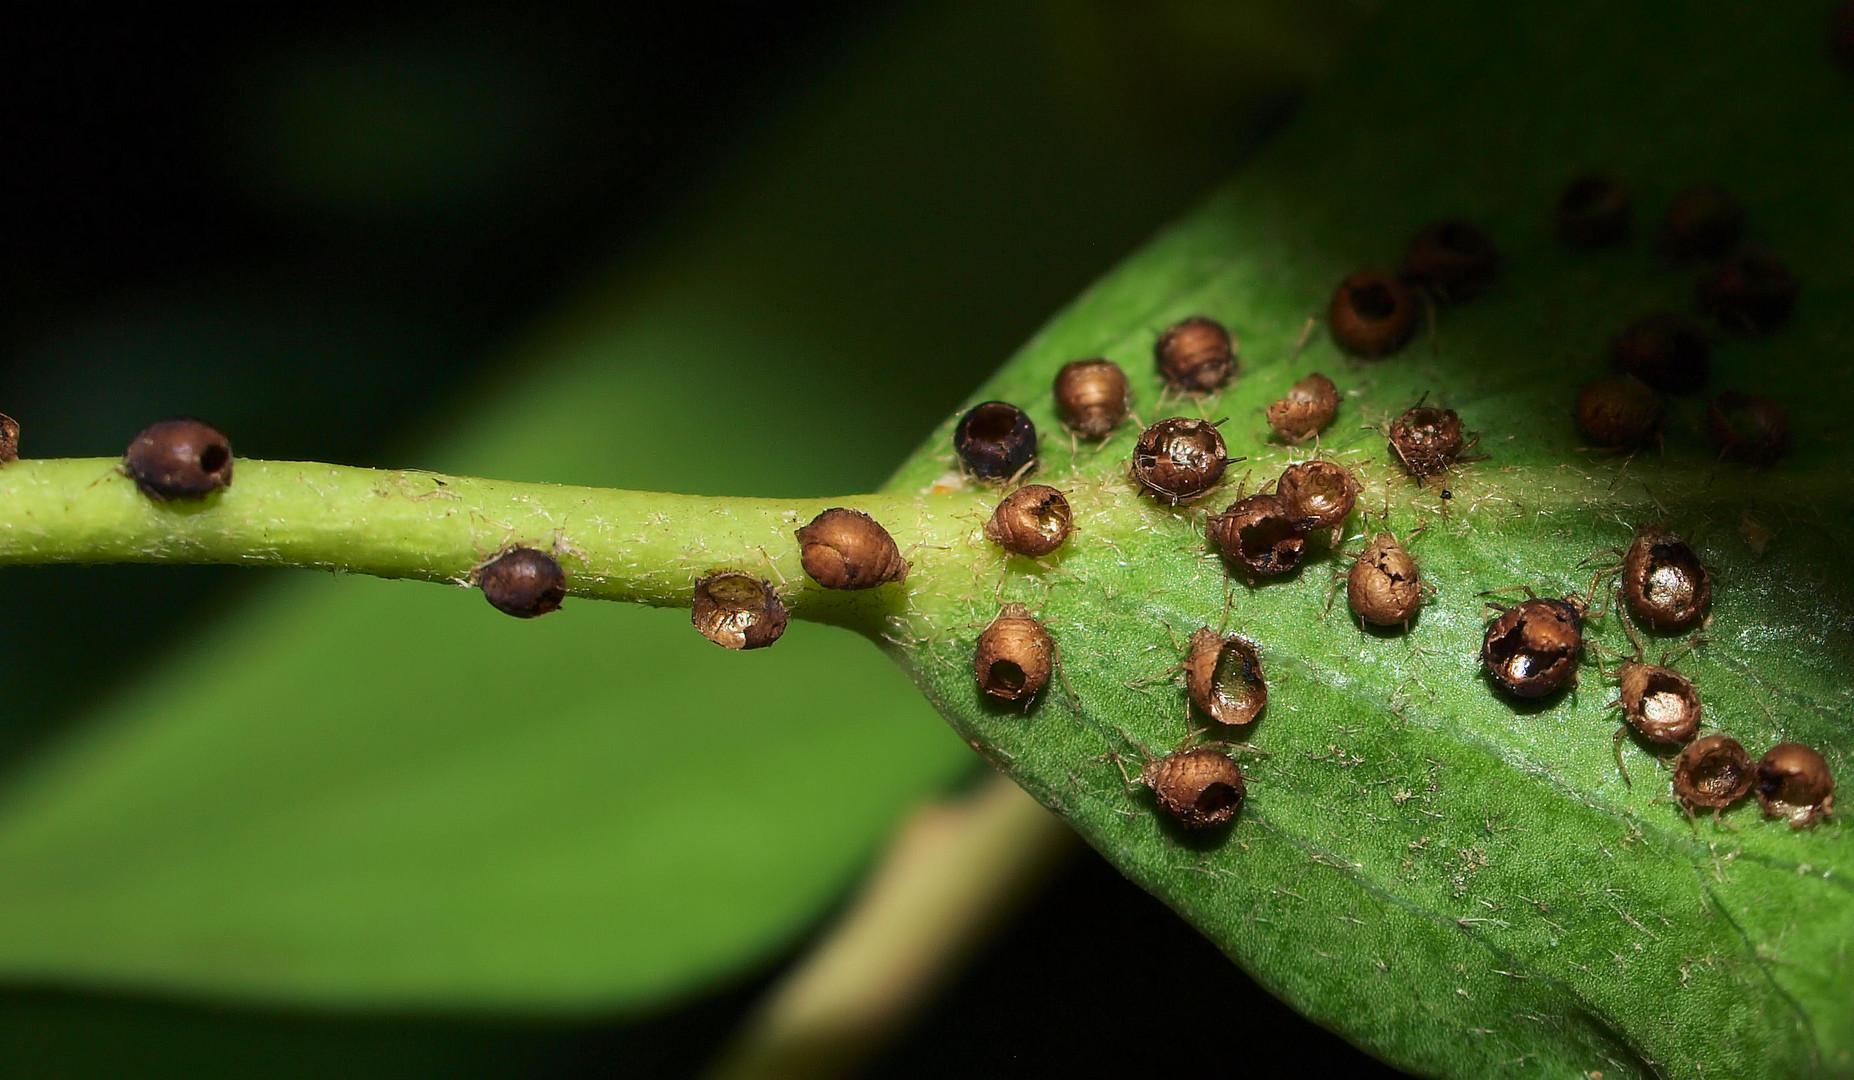 Das waren mal Blattläuse....sie wurden parasitiert....